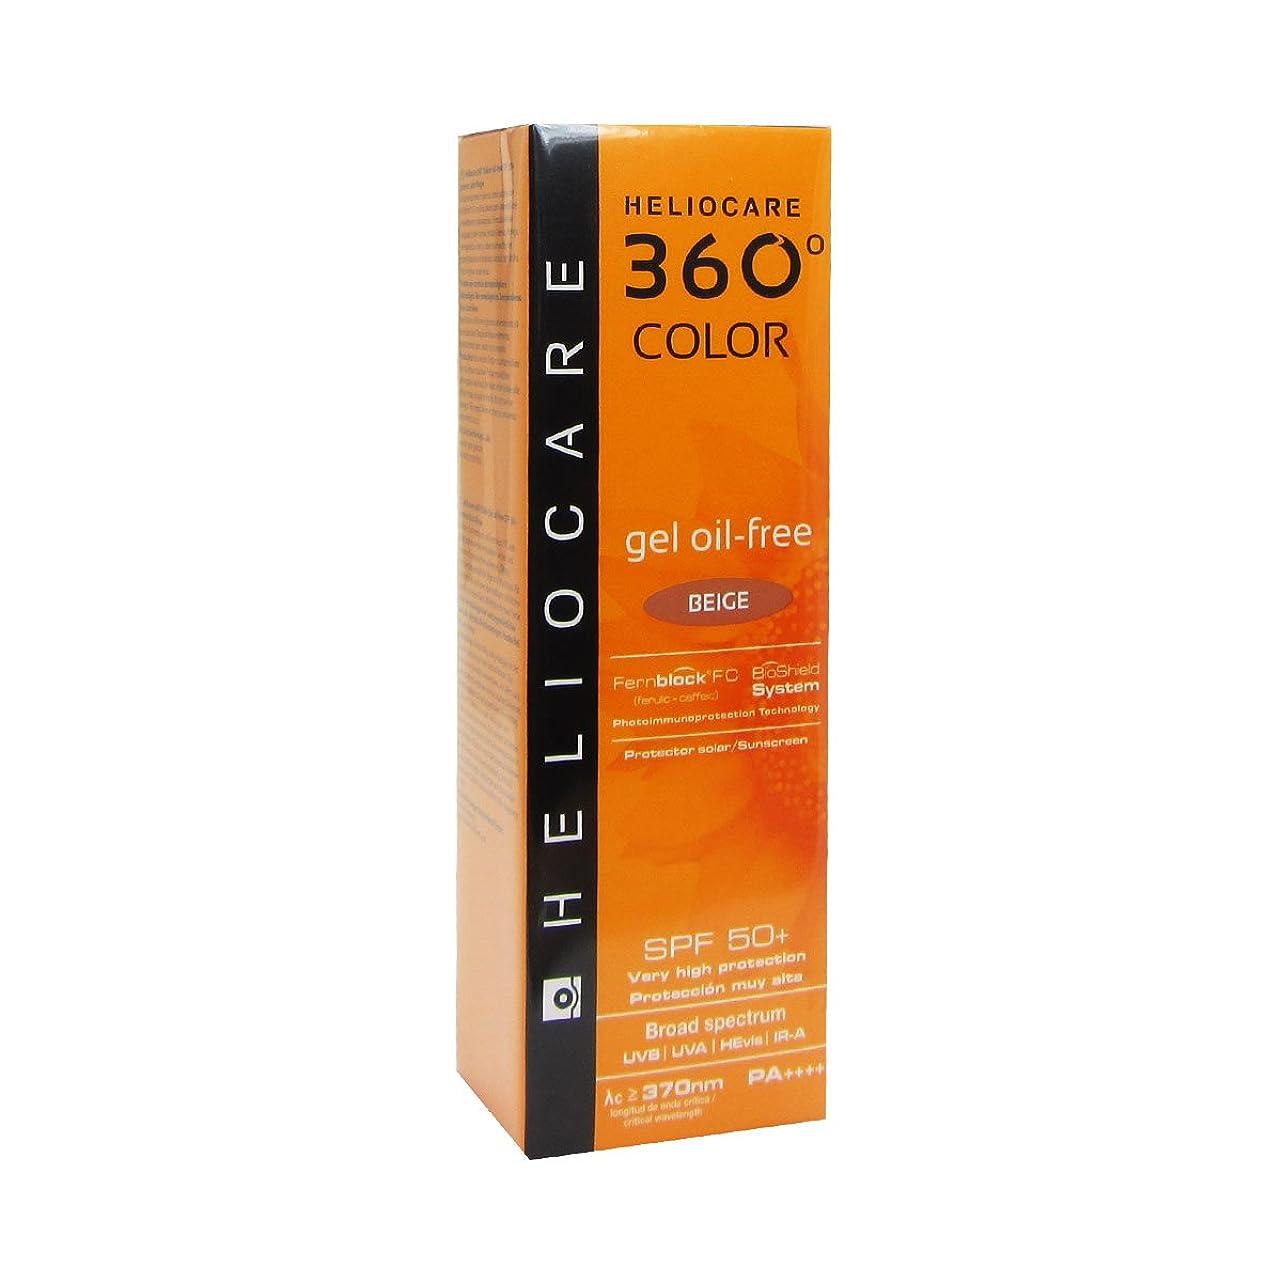 レタスタップ通信するHeliocare 360 Gel-color Oil-free Spf50 Beige 50ml [並行輸入品]